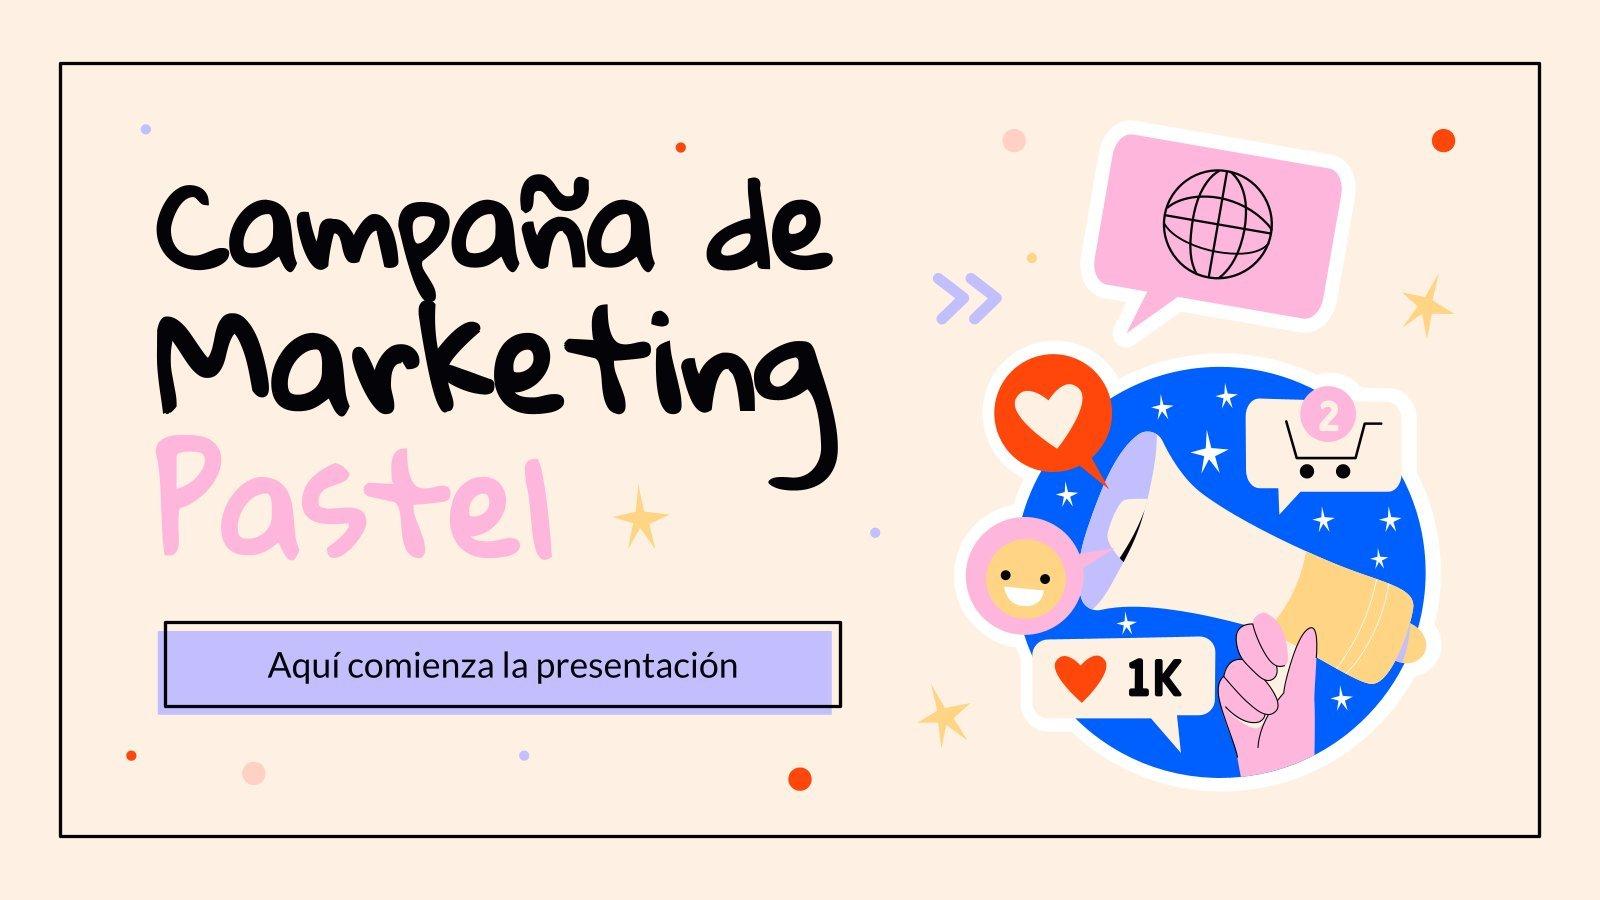 Campaña de marketing pastel : Modèles de présentation